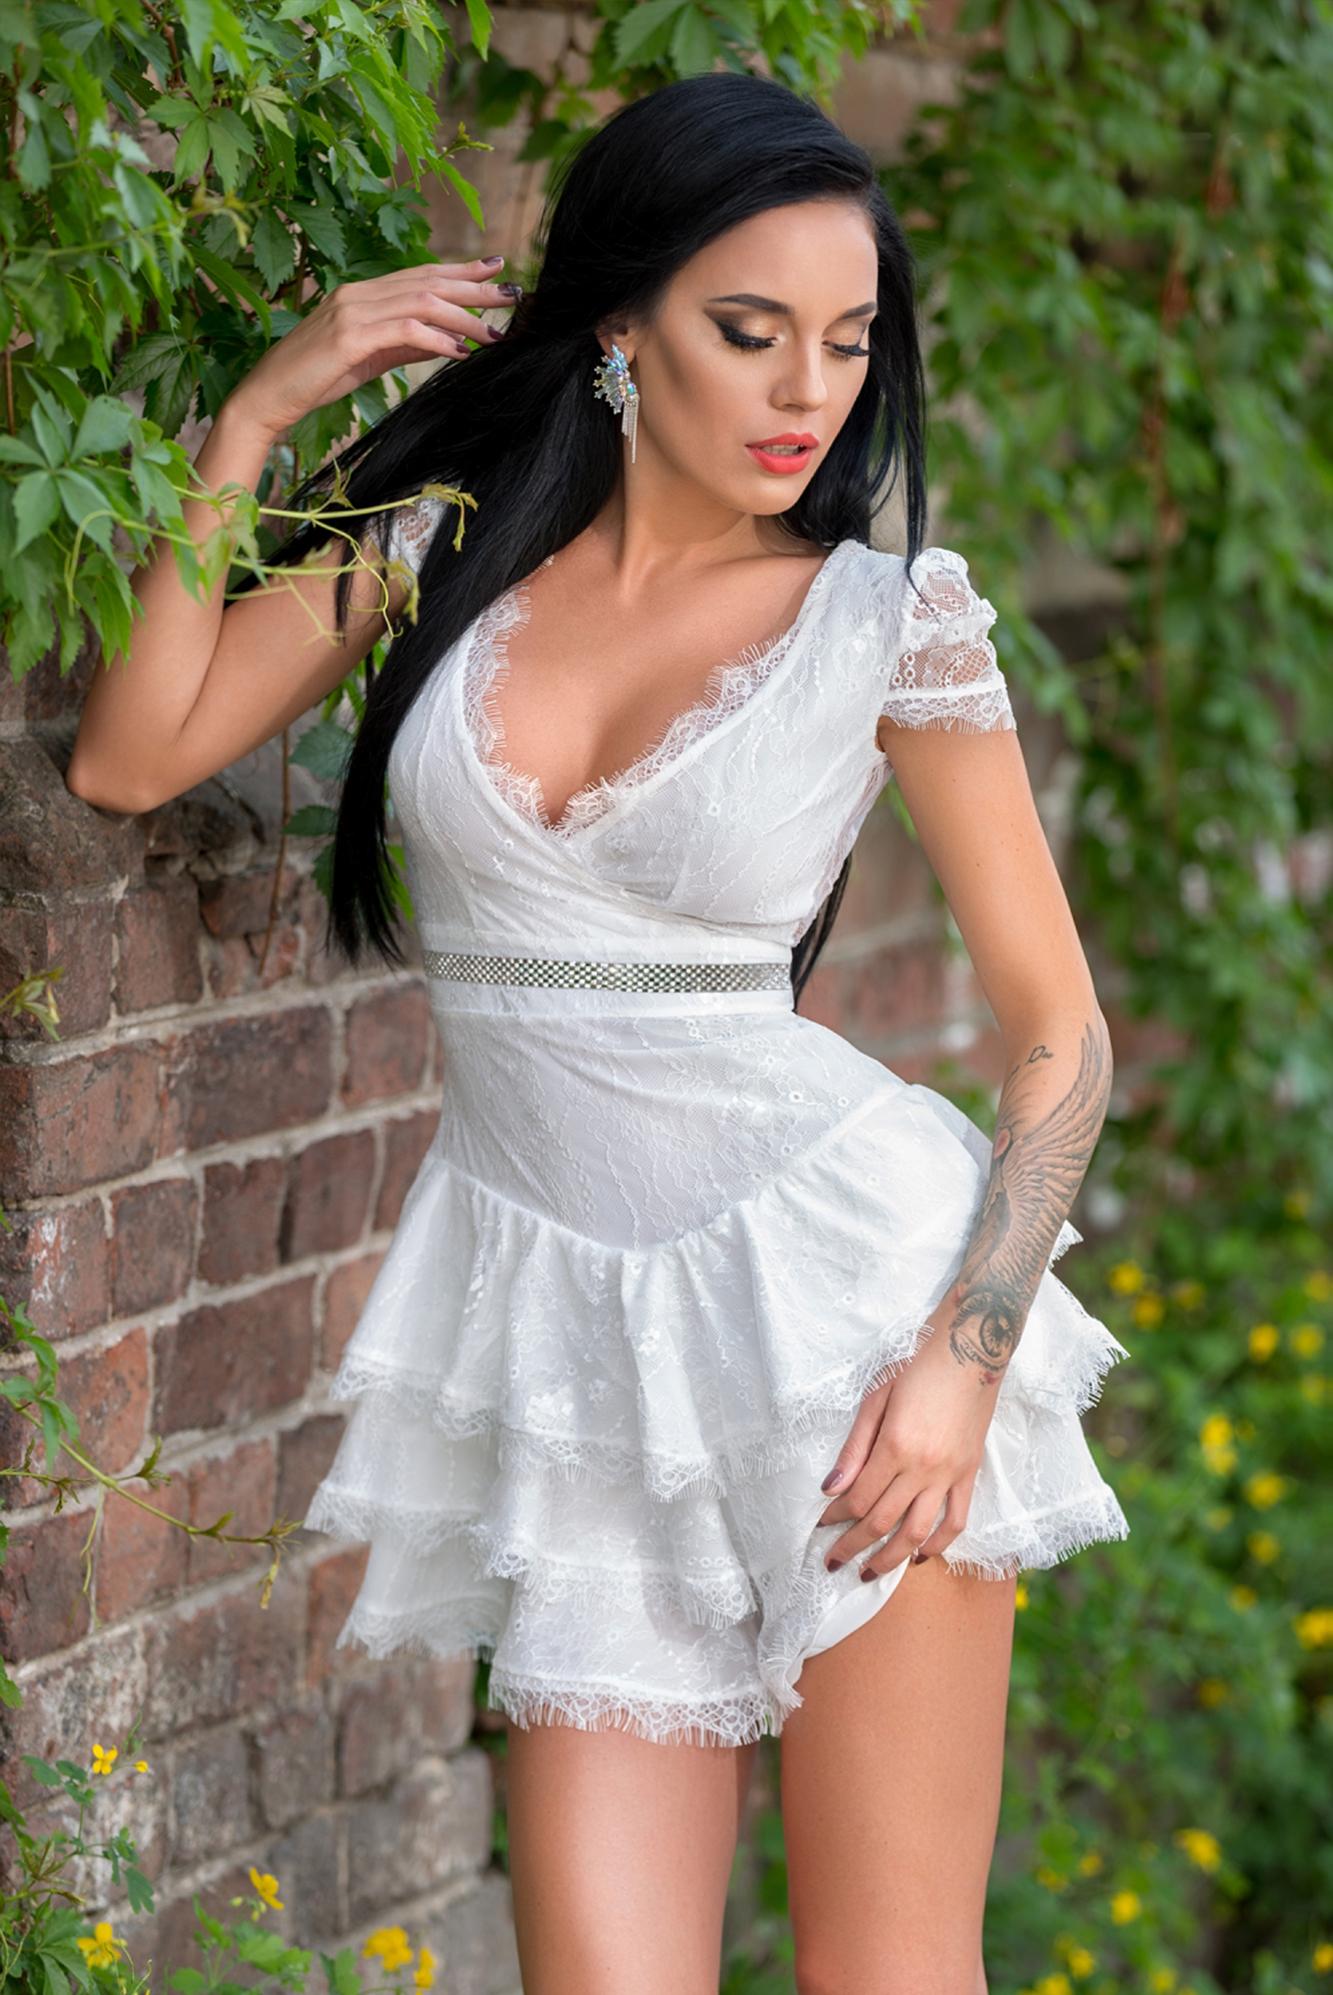 Dámske biele čipkované šaty Foggi ROMANTIC - S odporúčame pre XS